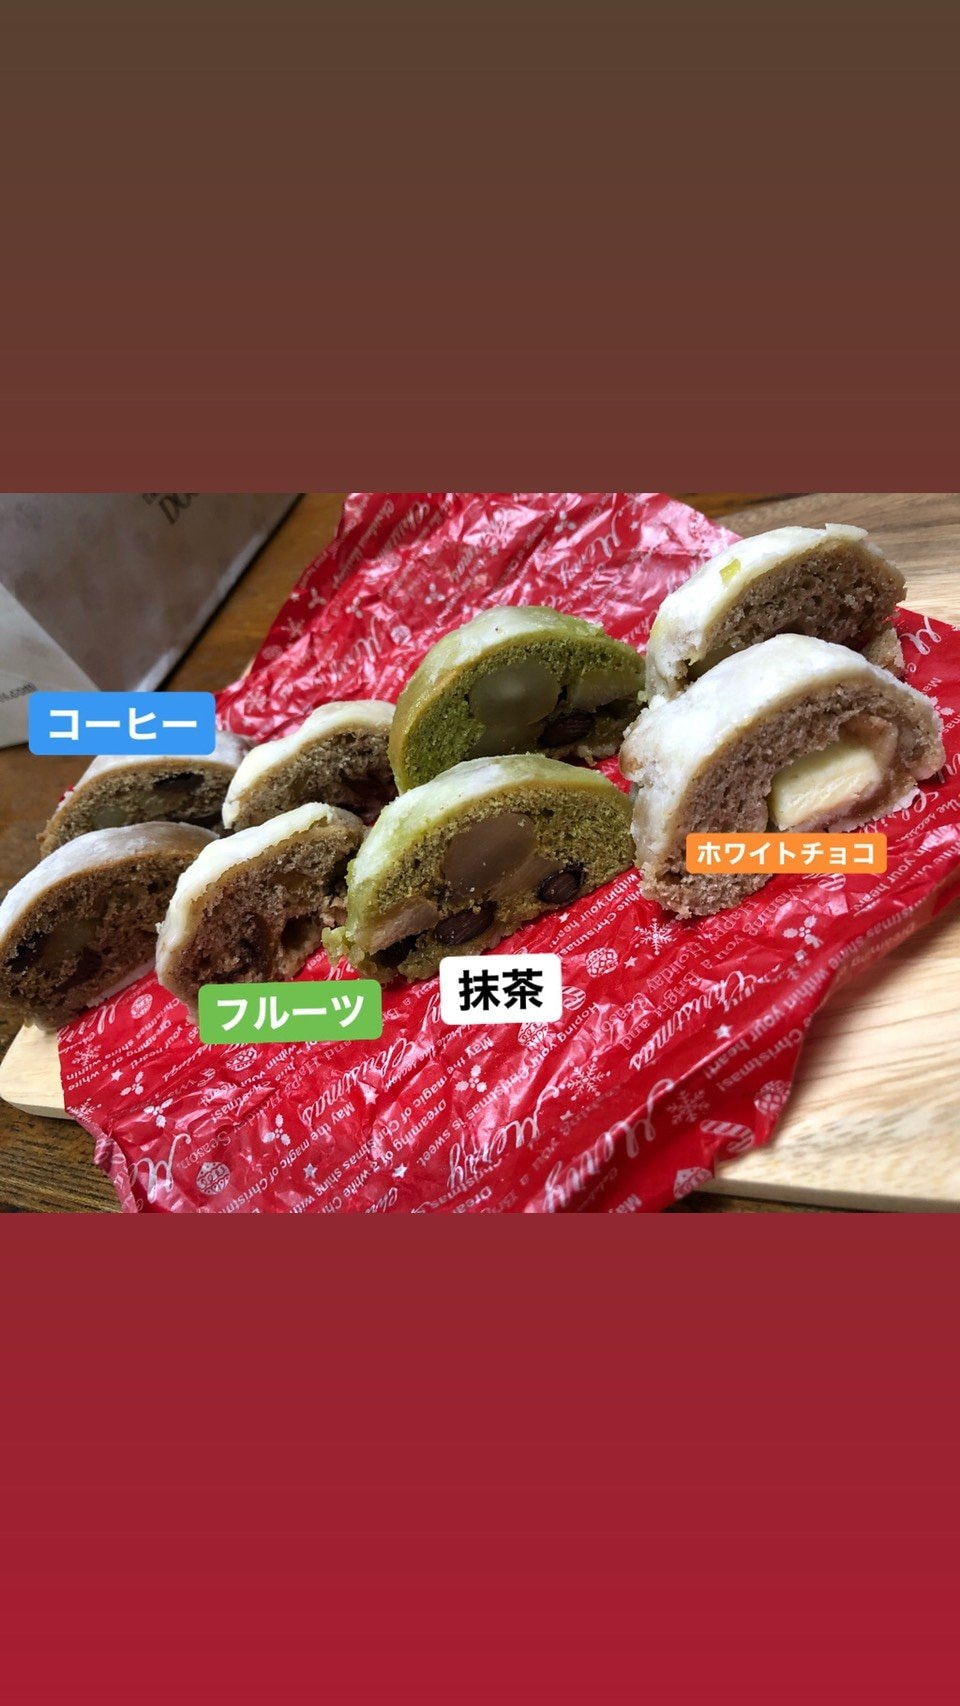 (現地払い)夏のシュトレン麹のマジパン入りレッスンと生米フォカッチャのランチ付き 7月18日(土)のイメージその2